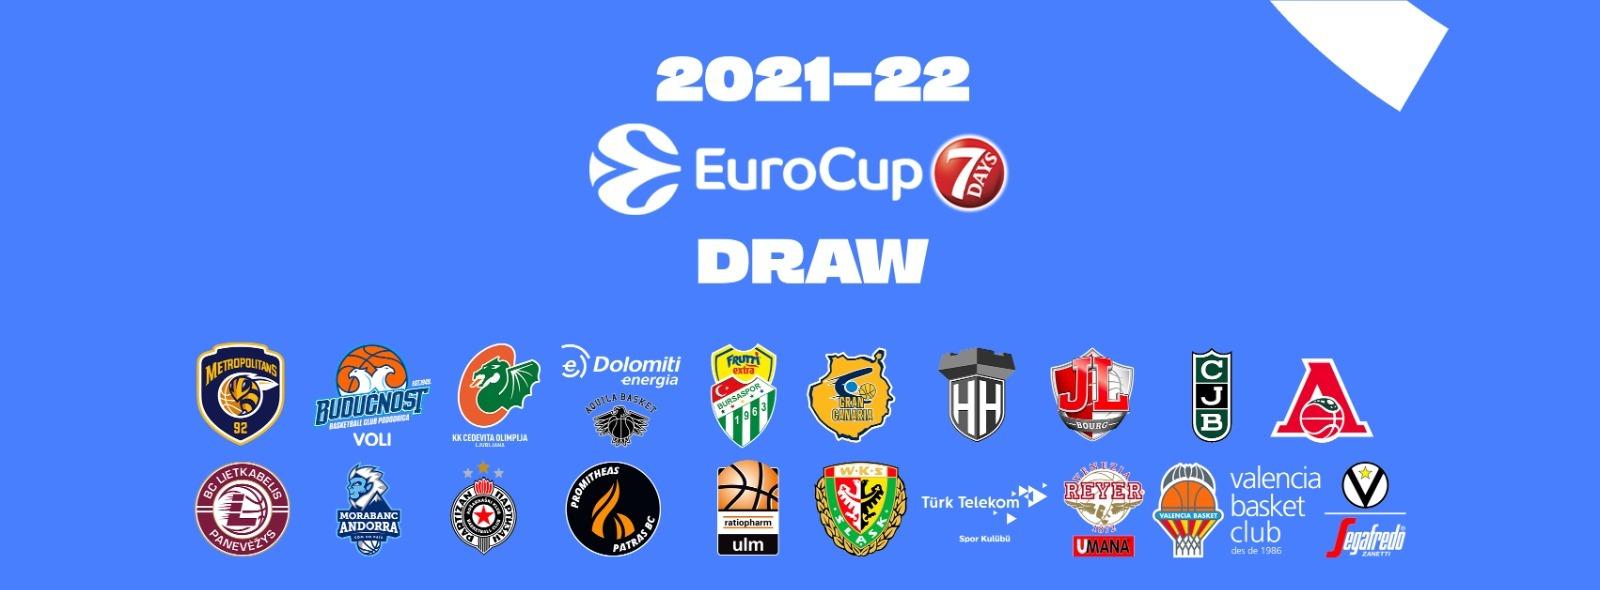 Eurocup 2021/2022 - Tirage au sort le vendredi 9 juillet à 13h15 !